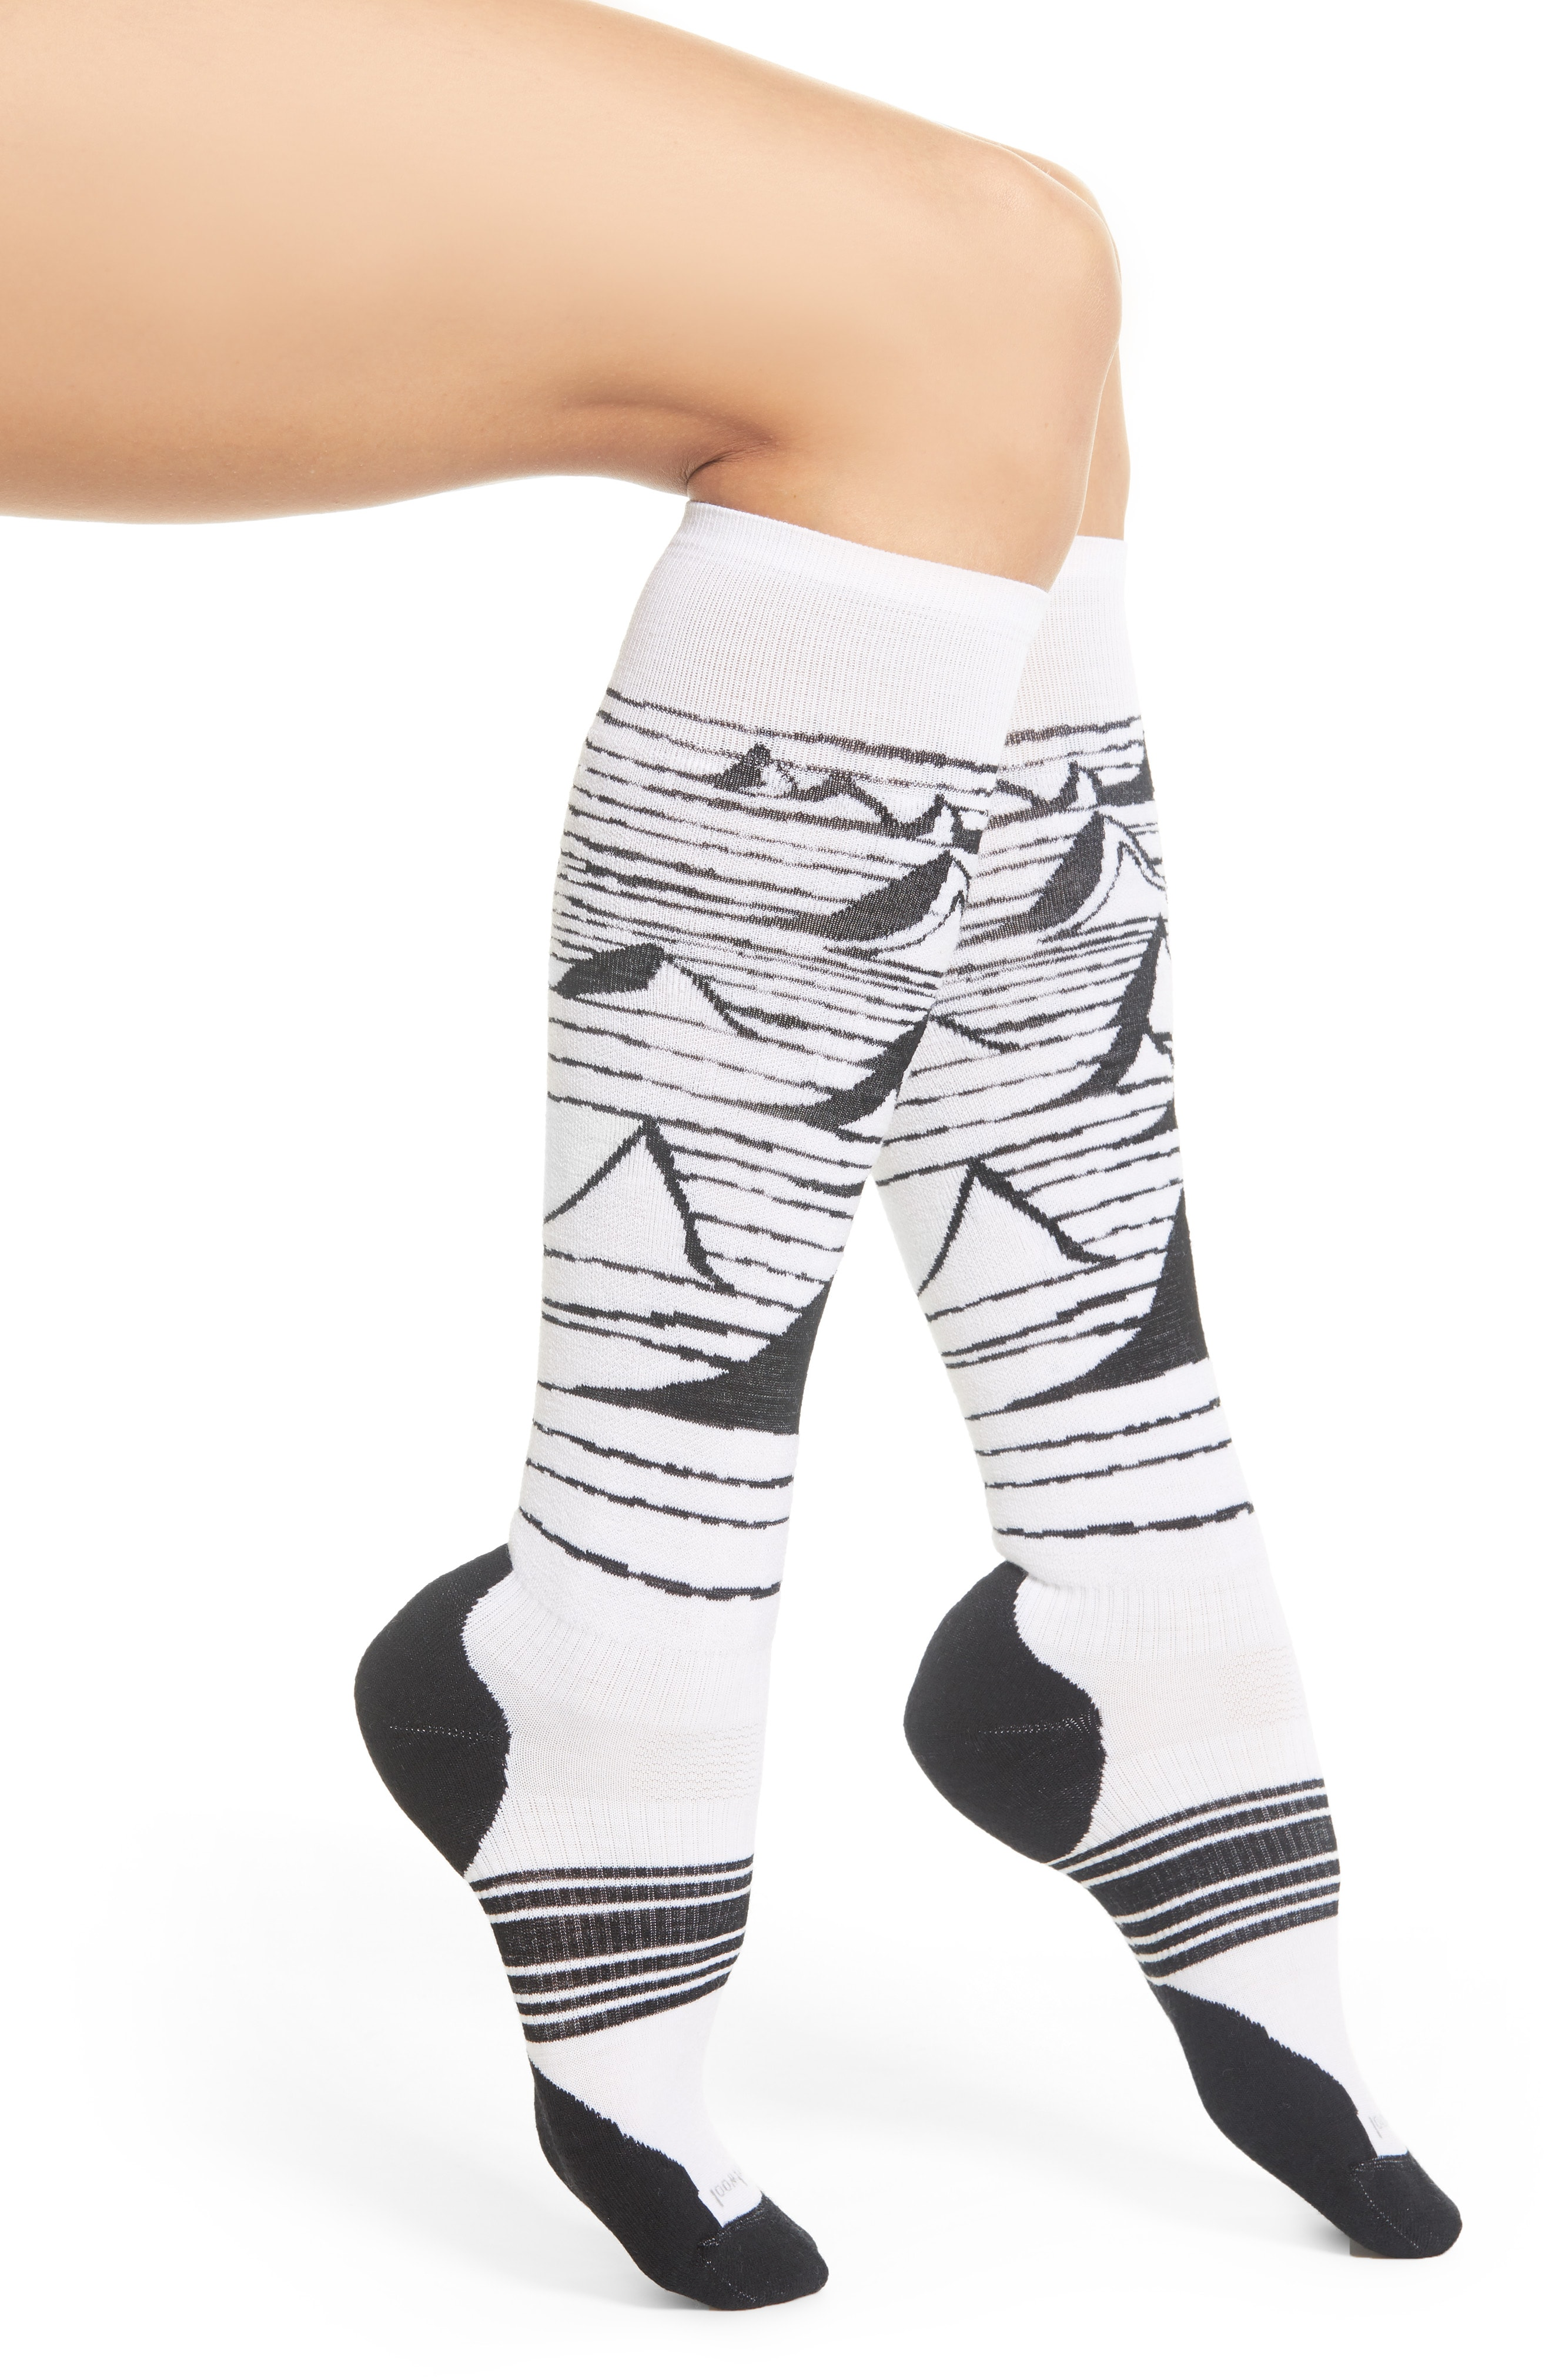 Smartwool PhD Slopestyle Light Elite Ski Socks